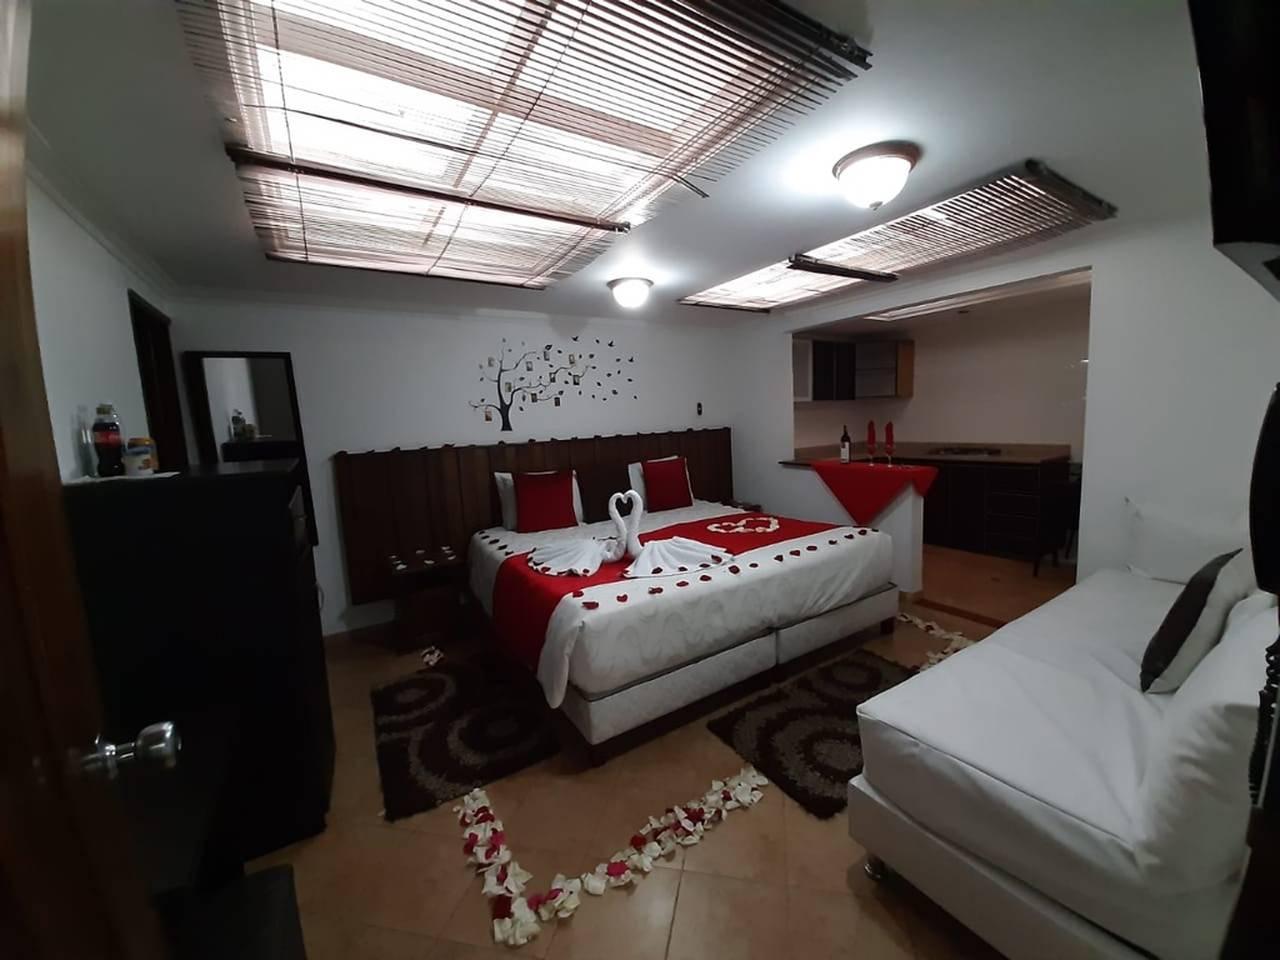 Habitación Loft con cocineta en Boutique de la Feria : MotelNow